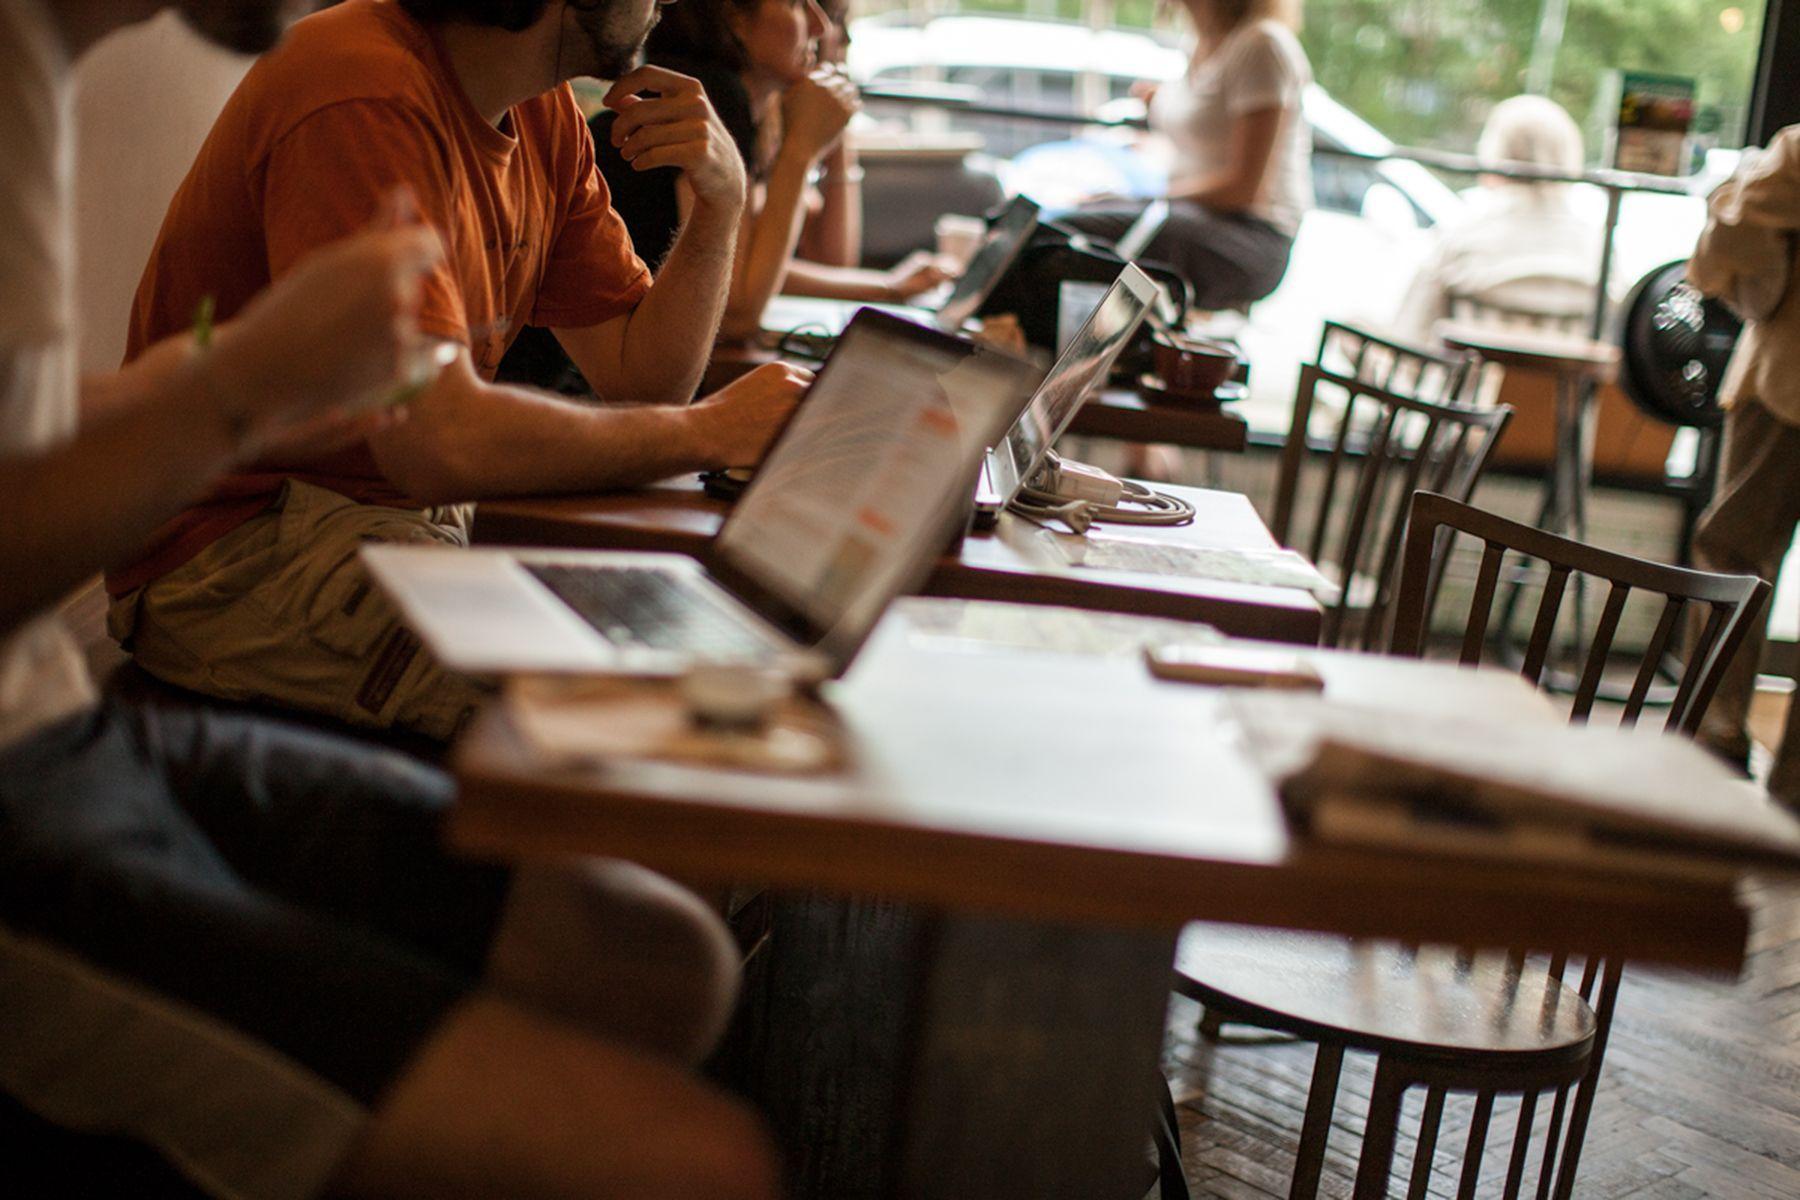 Café anti Wi-Fi a New York, alla riscoperta di quiete e contatto umano nell'era di Internet